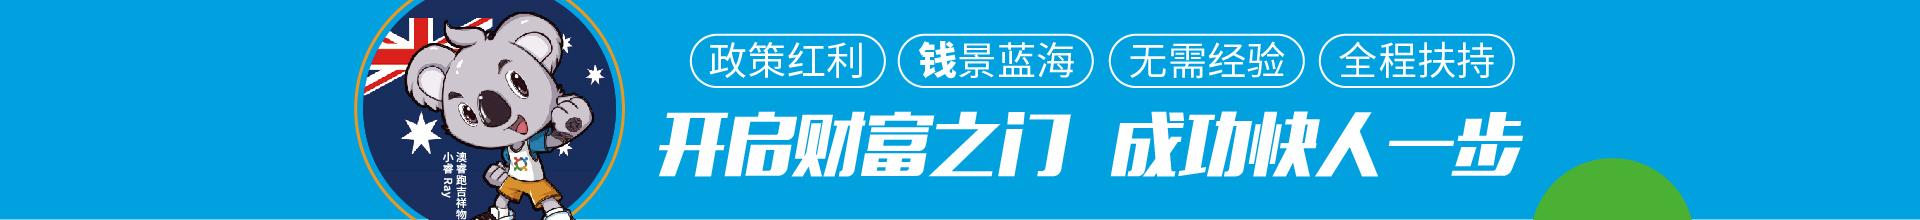 澳睿跑a_02